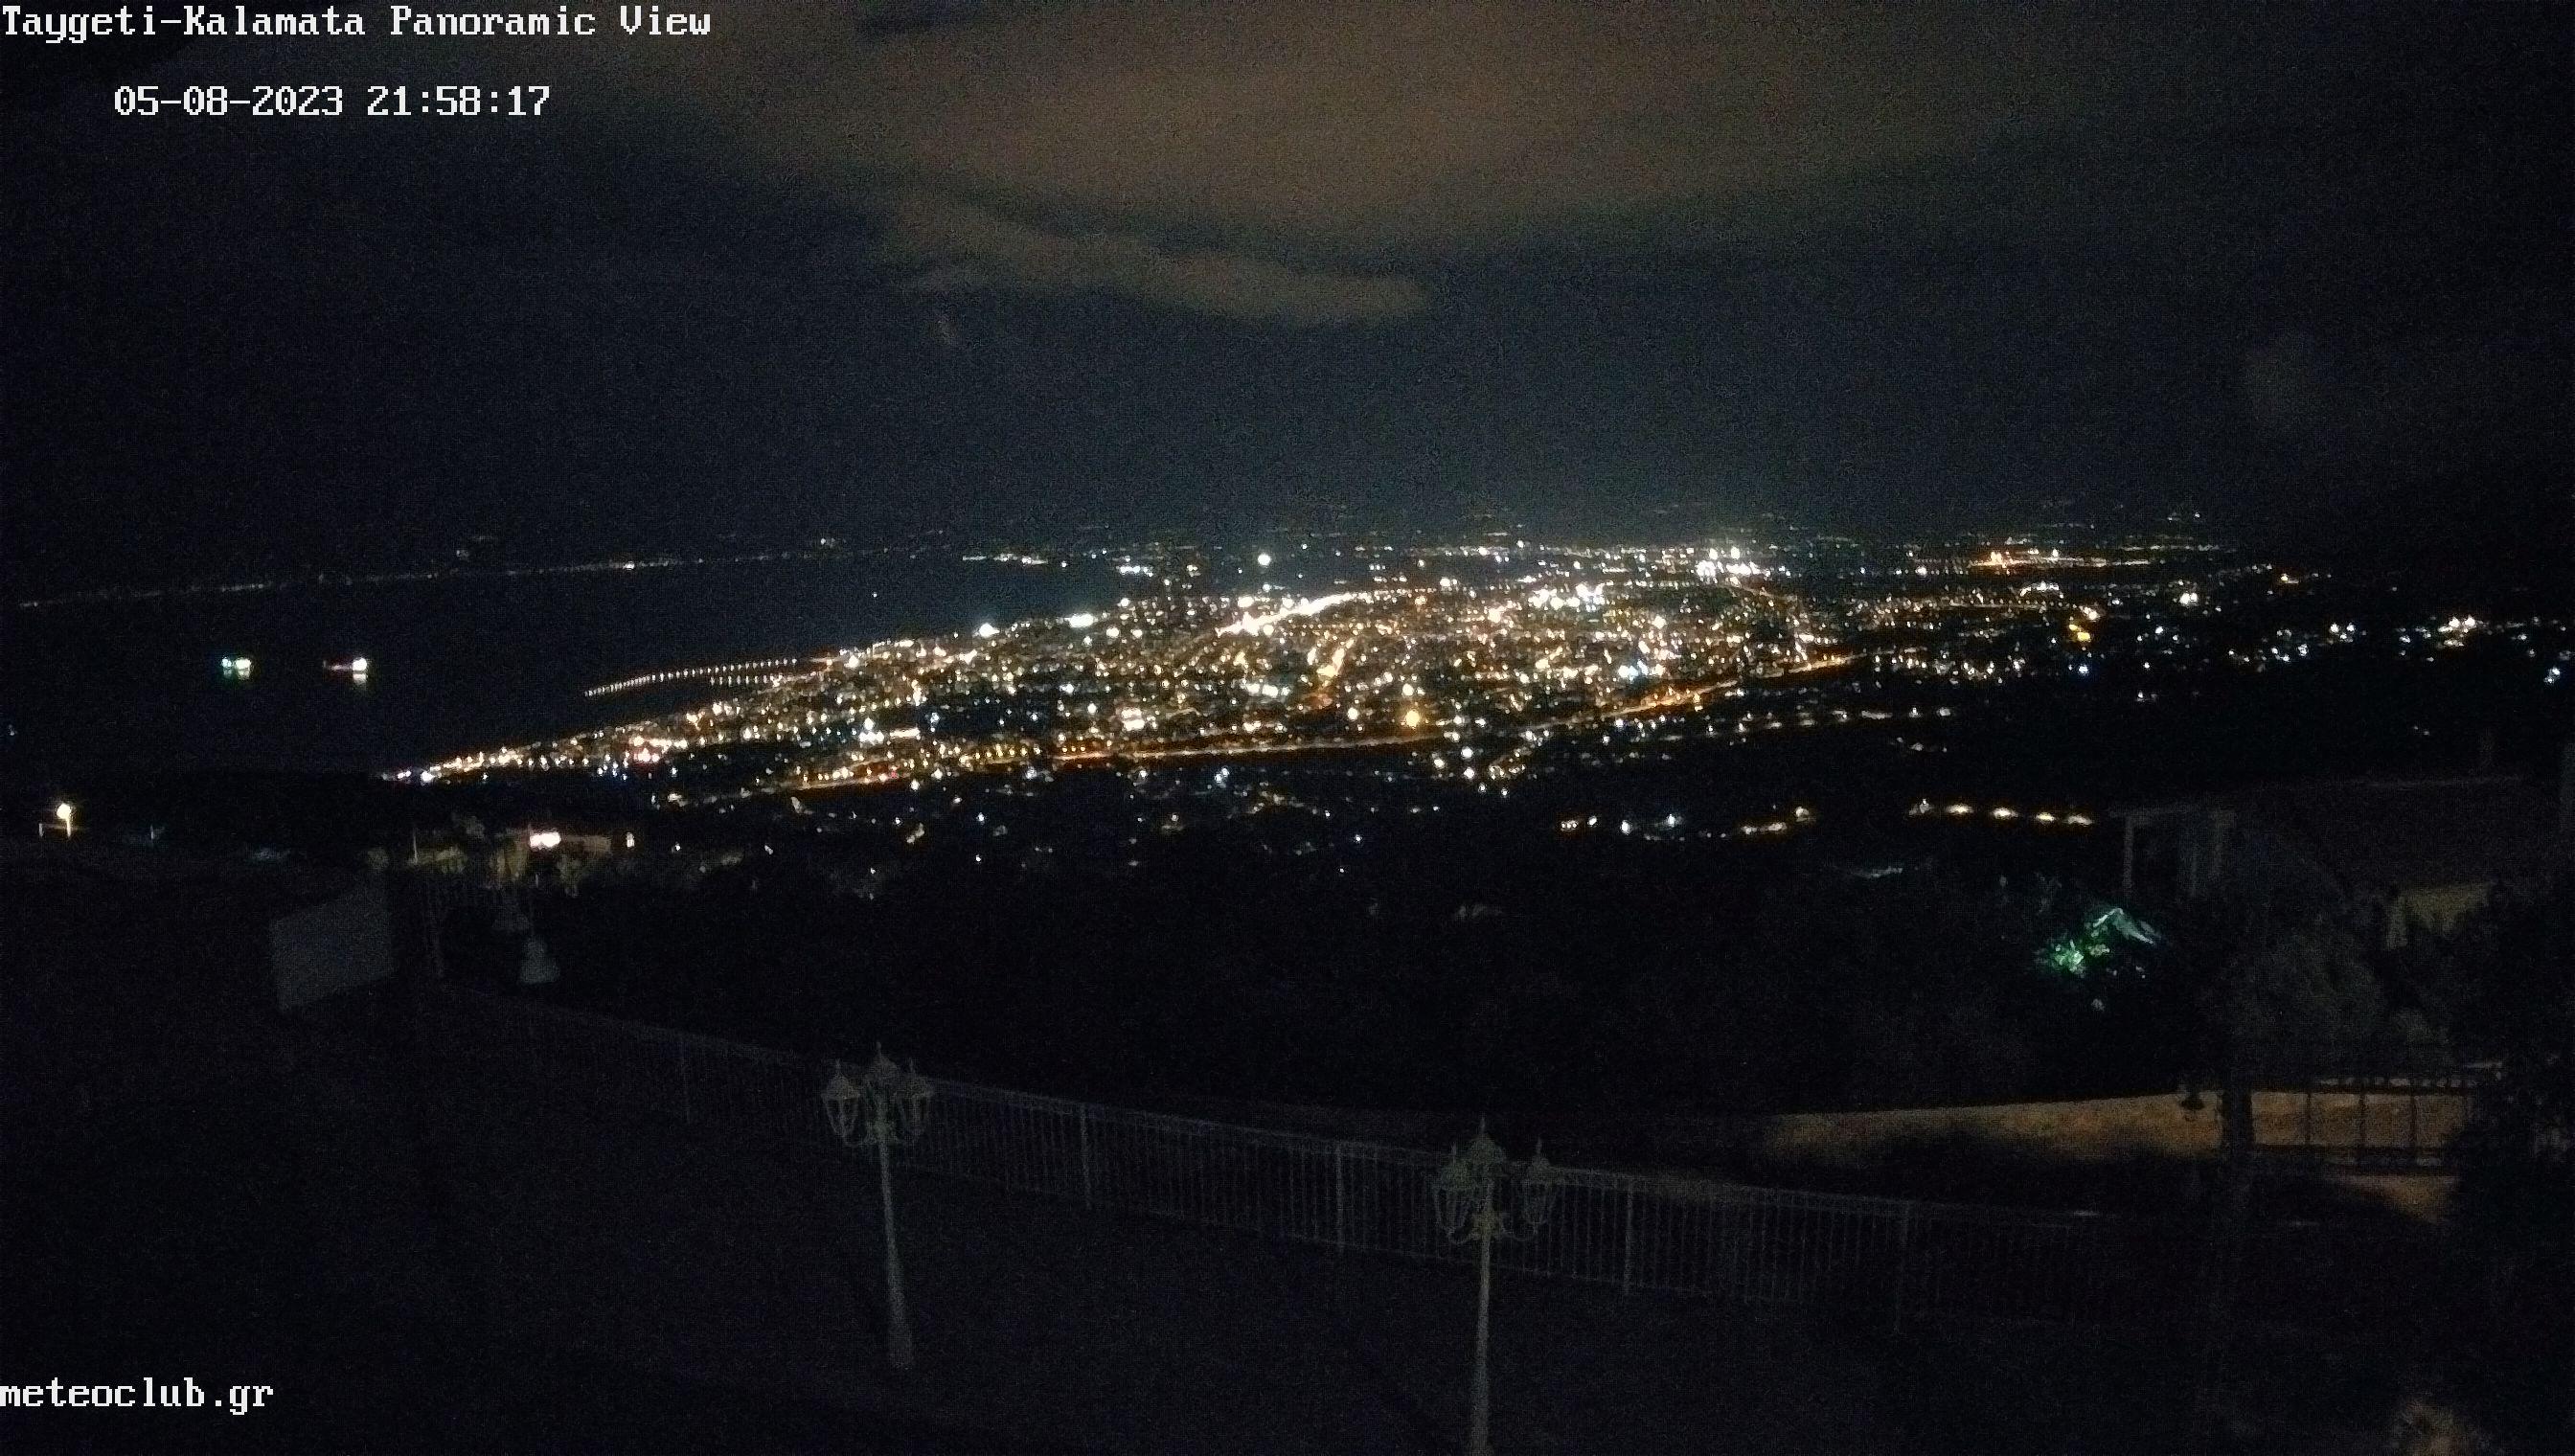 Webcam Taigetos - 2034m altitude